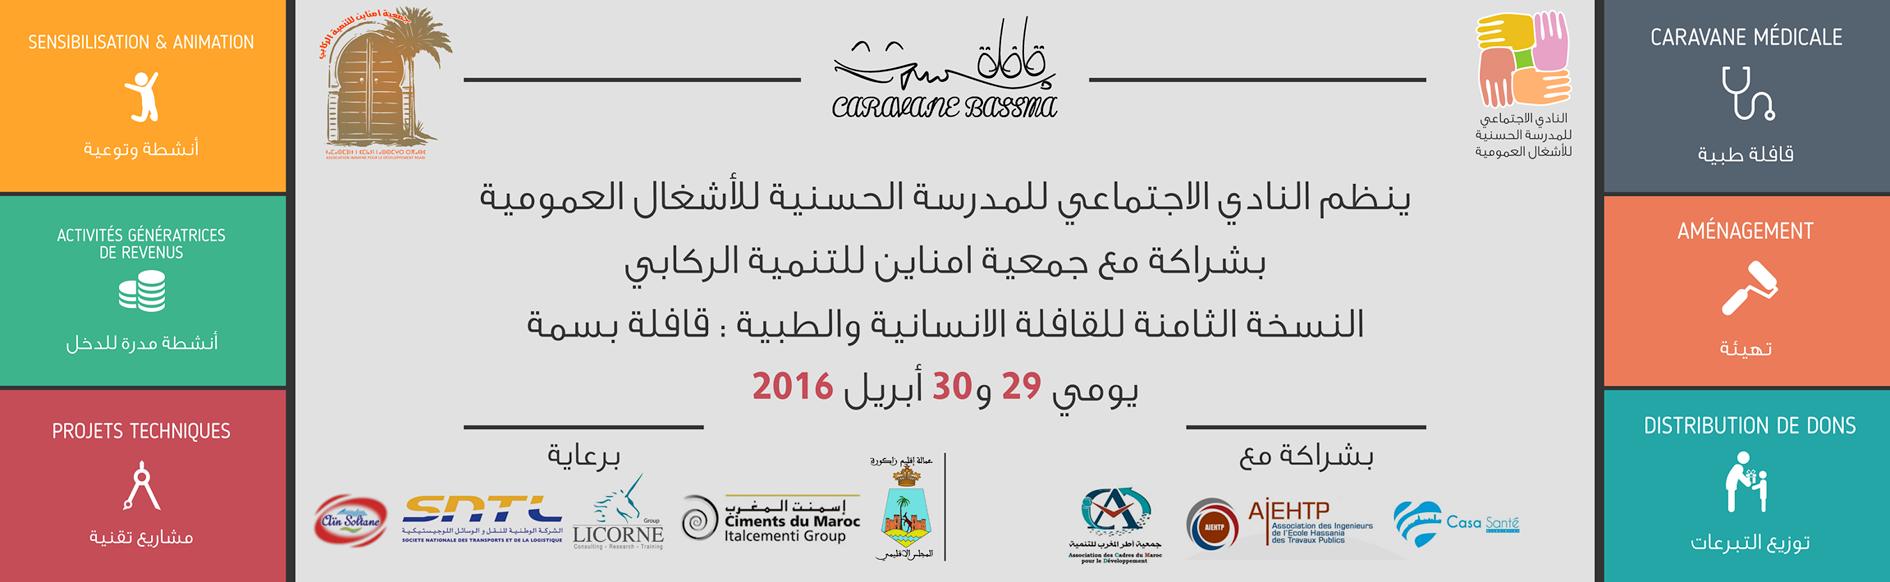 """امحاميد الغزلان: النسخة الثامنة ل"""" قافلة بسمة"""" يومي 29 و30 أبريل"""